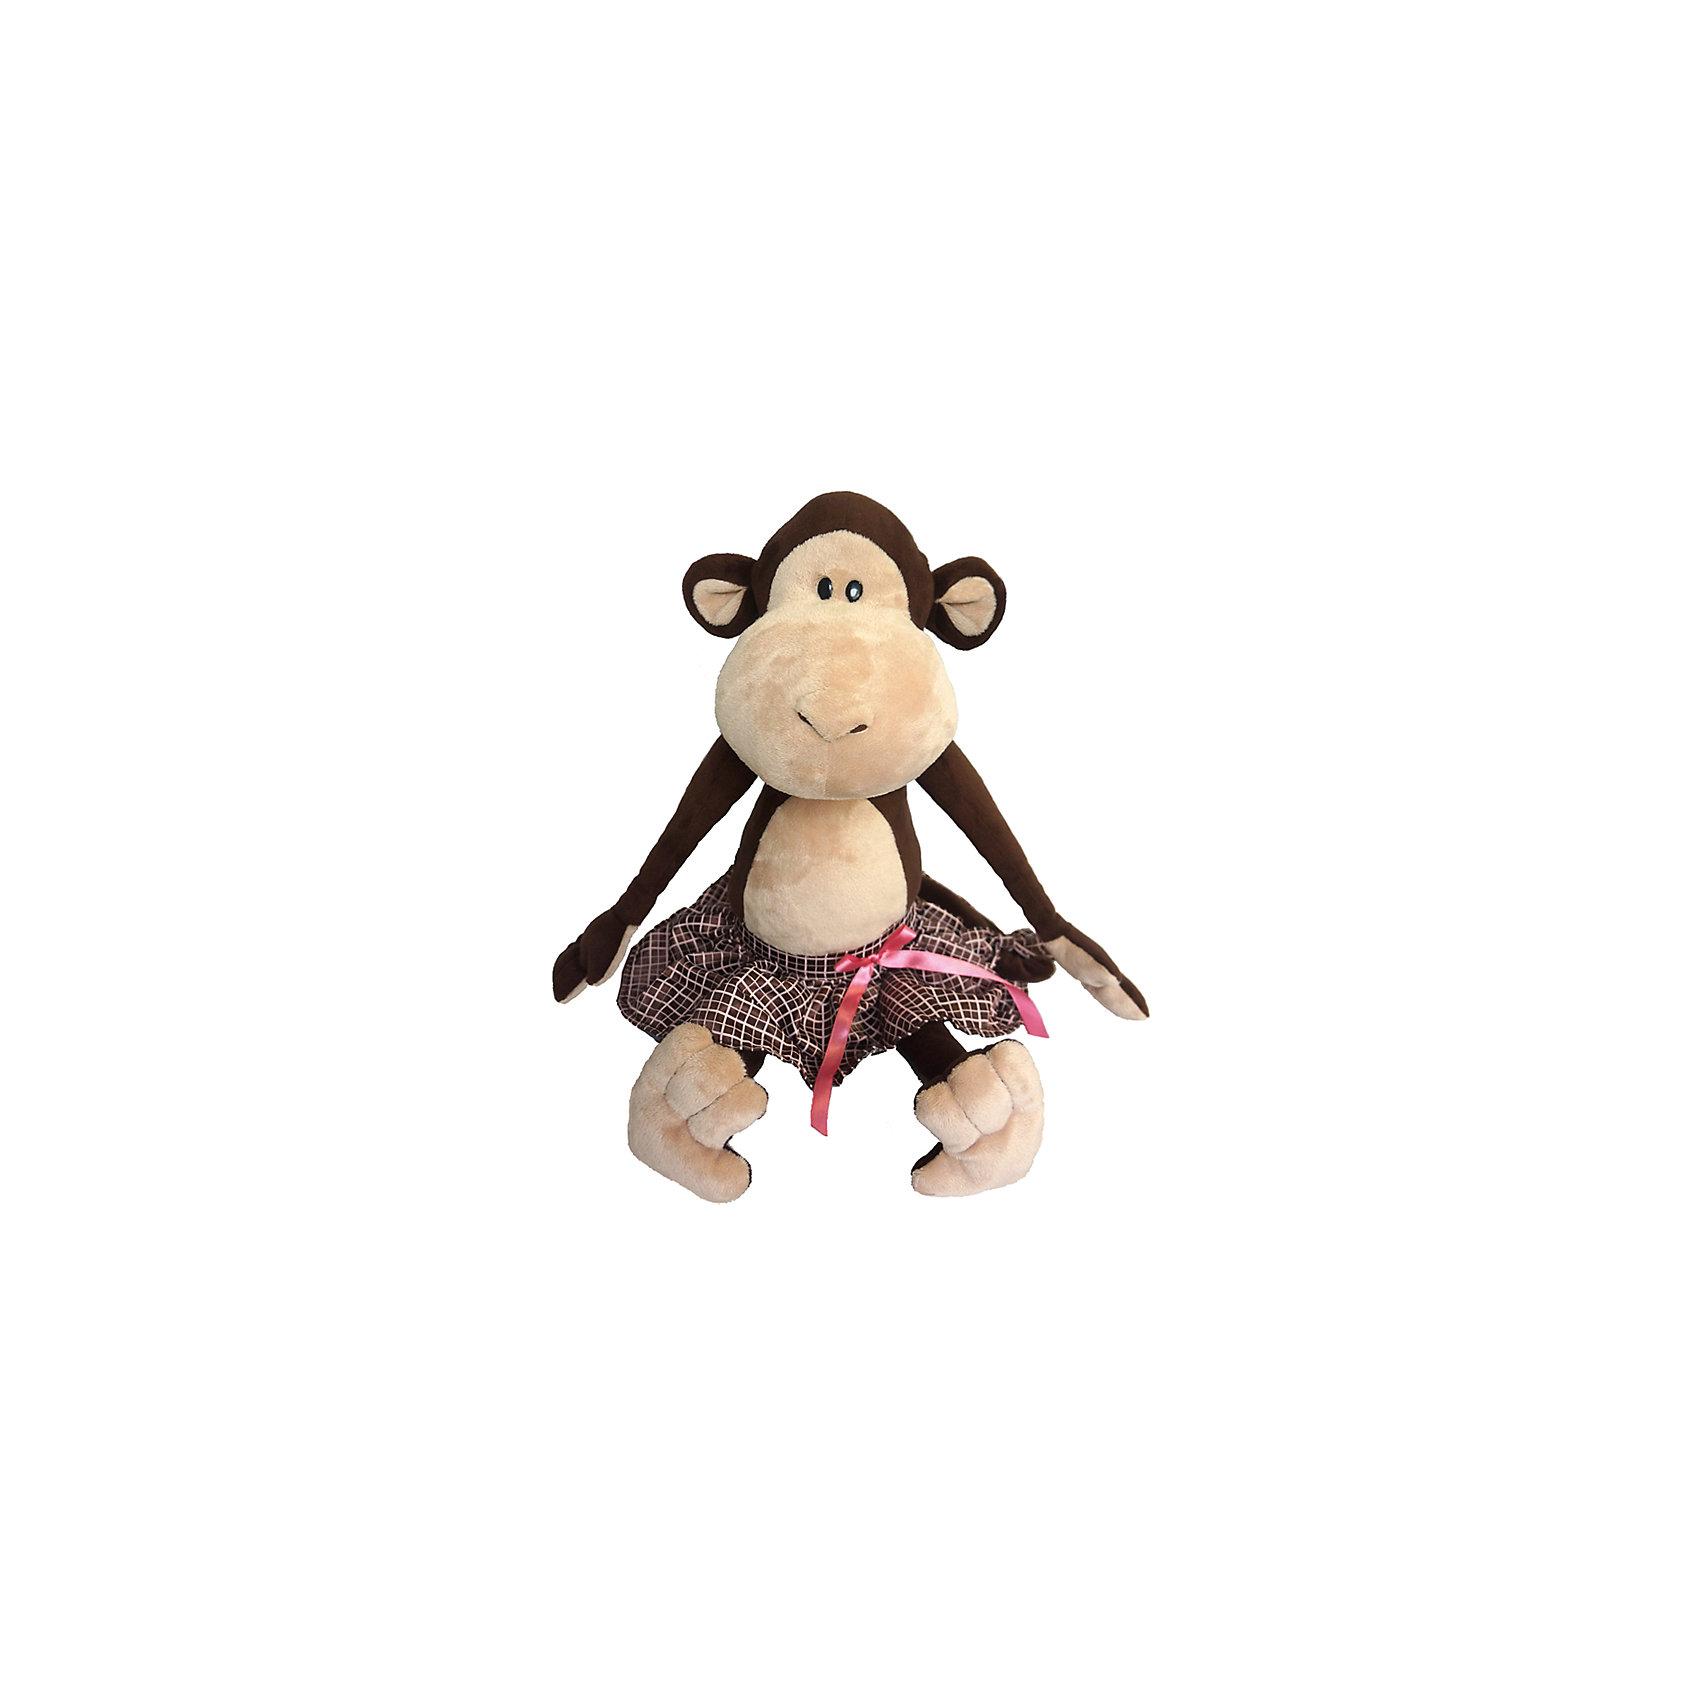 Обезьянка Верка в юбке, 25 см, MAXITOYSЗвери и птицы<br>Забавная игрушка сделана в виде милой обезьянки в юбке. Она поможет ребенку проводить время весело и с пользой (такие игрушки развивают воображение и моторику). Смотрится игрушка очень мило - ее хочется трогать и играть с ней.<br>Размер игрушки универсален - 25 сантиметров, её удобно брать с собой в поездки и на прогулку. Сделана обезьянка из качественных и безопасных для ребенка материалов, которые еще и приятны на ощупь. Эта игрушка может стать и отличным подарком для взрослого, также она украсит любой интерьер.<br><br>Дополнительная информация:<br><br>- материал: мех искусственный, трикотажный, волокно полиэфирное;<br>- высота: 25 см.<br><br>Игрушку Обезьянка Верка в юбке, 25 см, от марки MAXITOYS можно купить в нашем магазине.<br><br>Ширина мм: 220<br>Глубина мм: 230<br>Высота мм: 250<br>Вес г: 13<br>Возраст от месяцев: 36<br>Возраст до месяцев: 1188<br>Пол: Женский<br>Возраст: Детский<br>SKU: 4701901